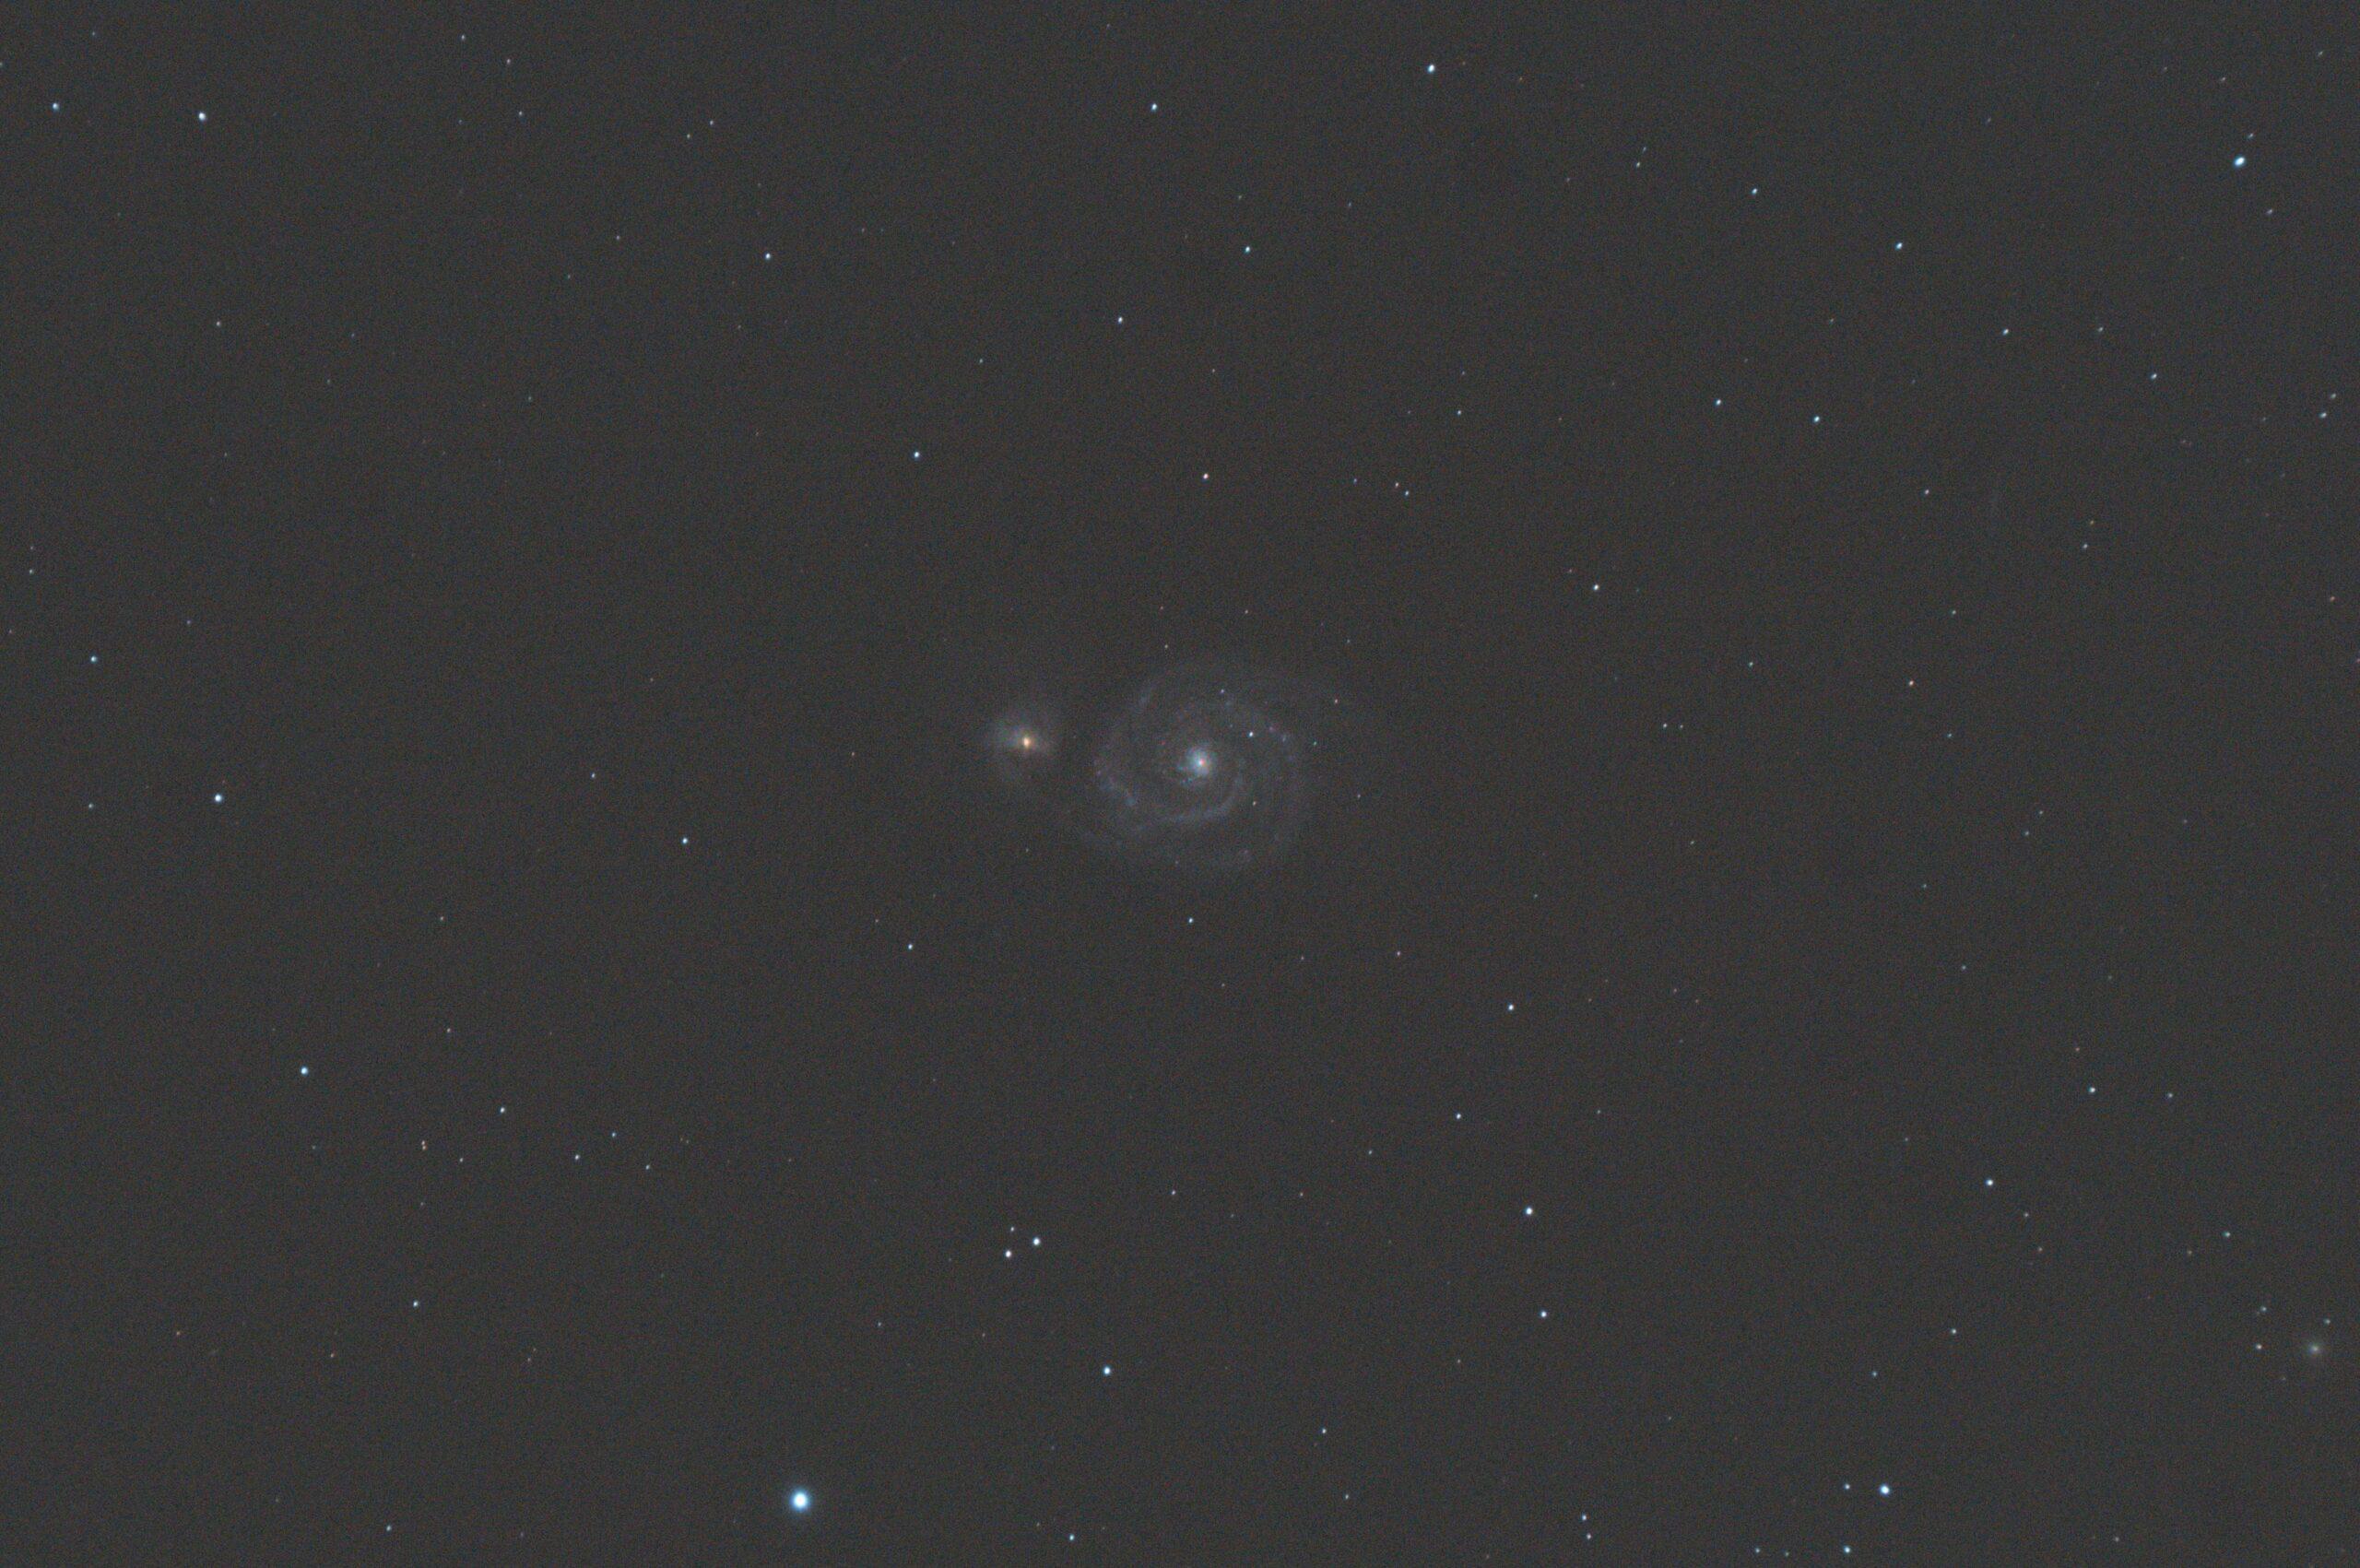 Astro Pixel Processor, M51 by Hans van Overzee